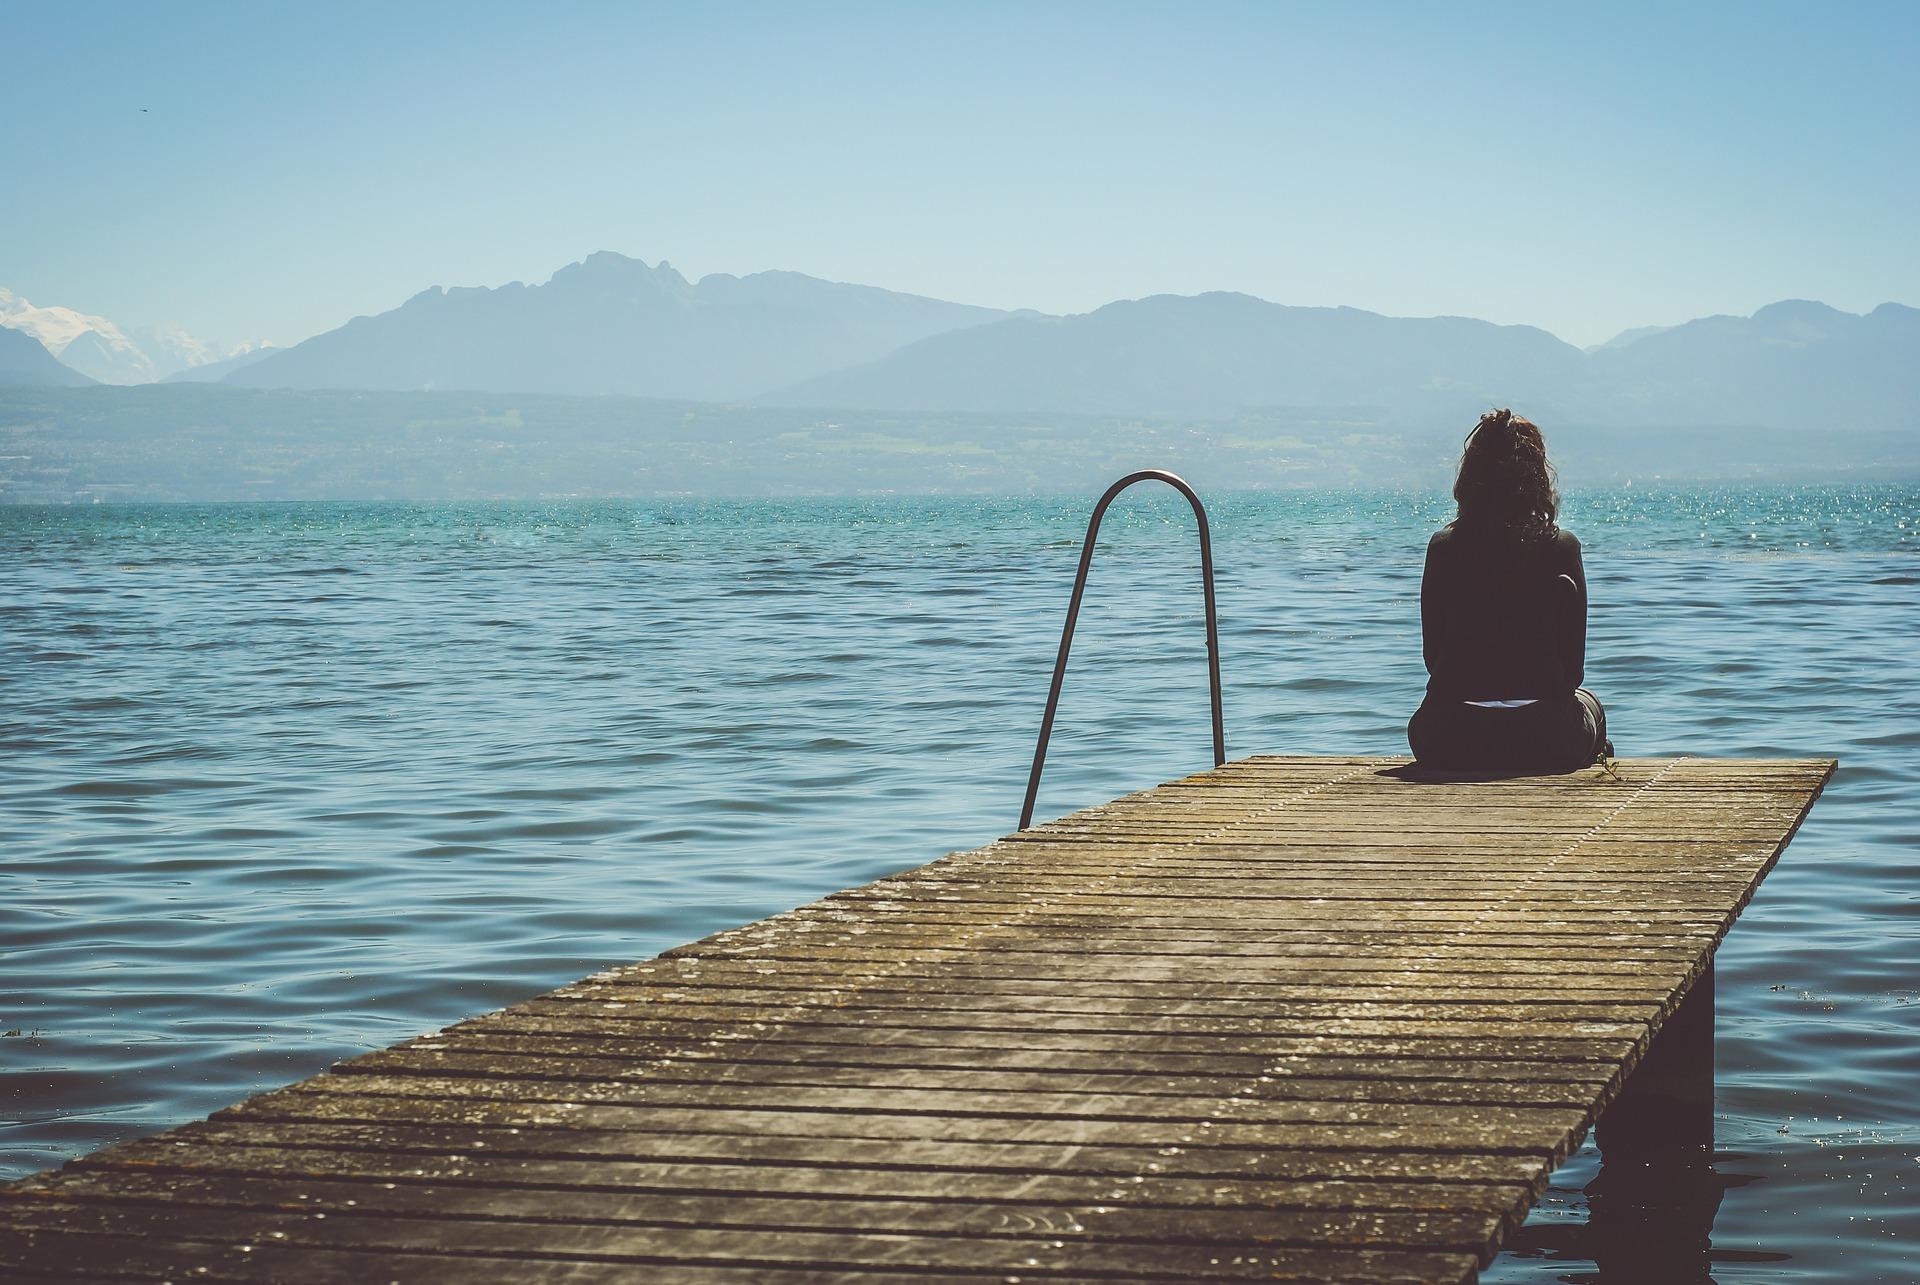 Frau sitzt auf einem Steg am Wasser, schaut ruhig in die Berge als Sinnbild dafür, wie man seine Depression überwinden kann